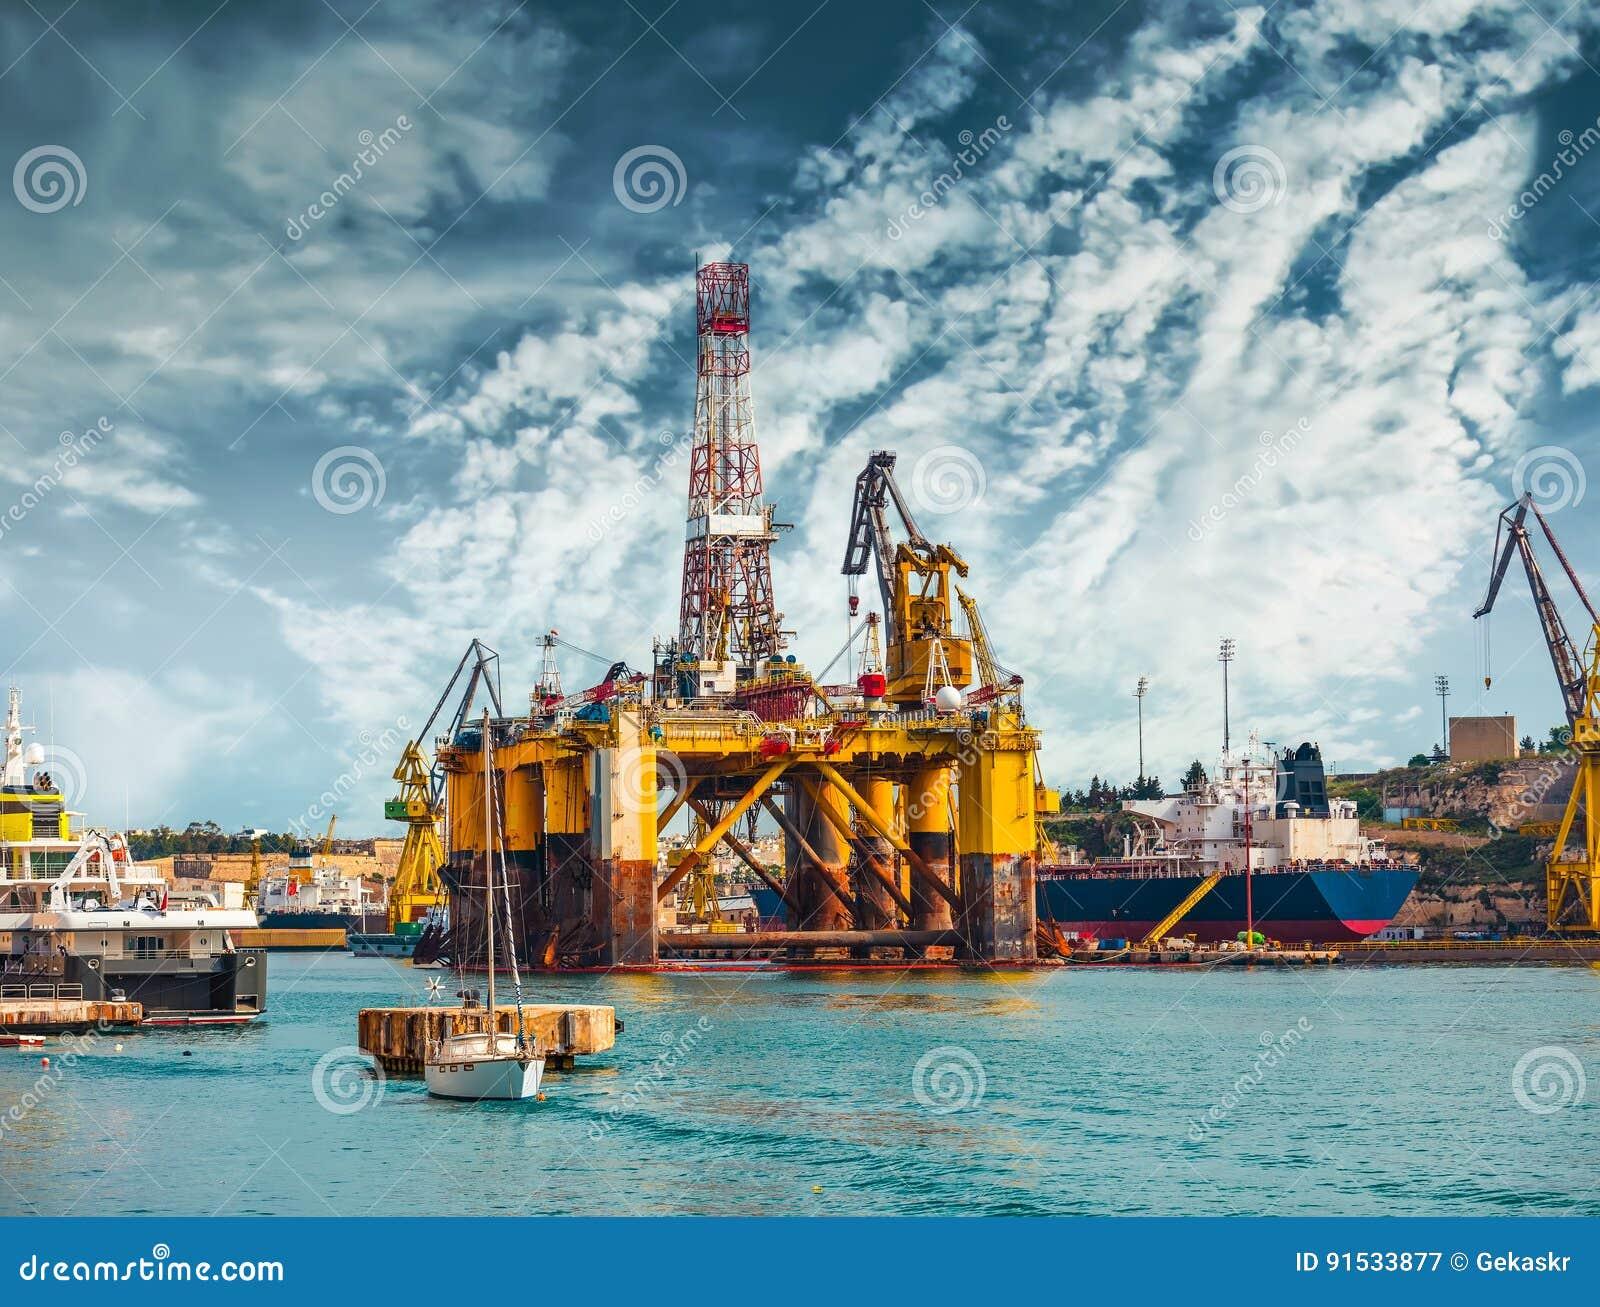 Oil platform in repair